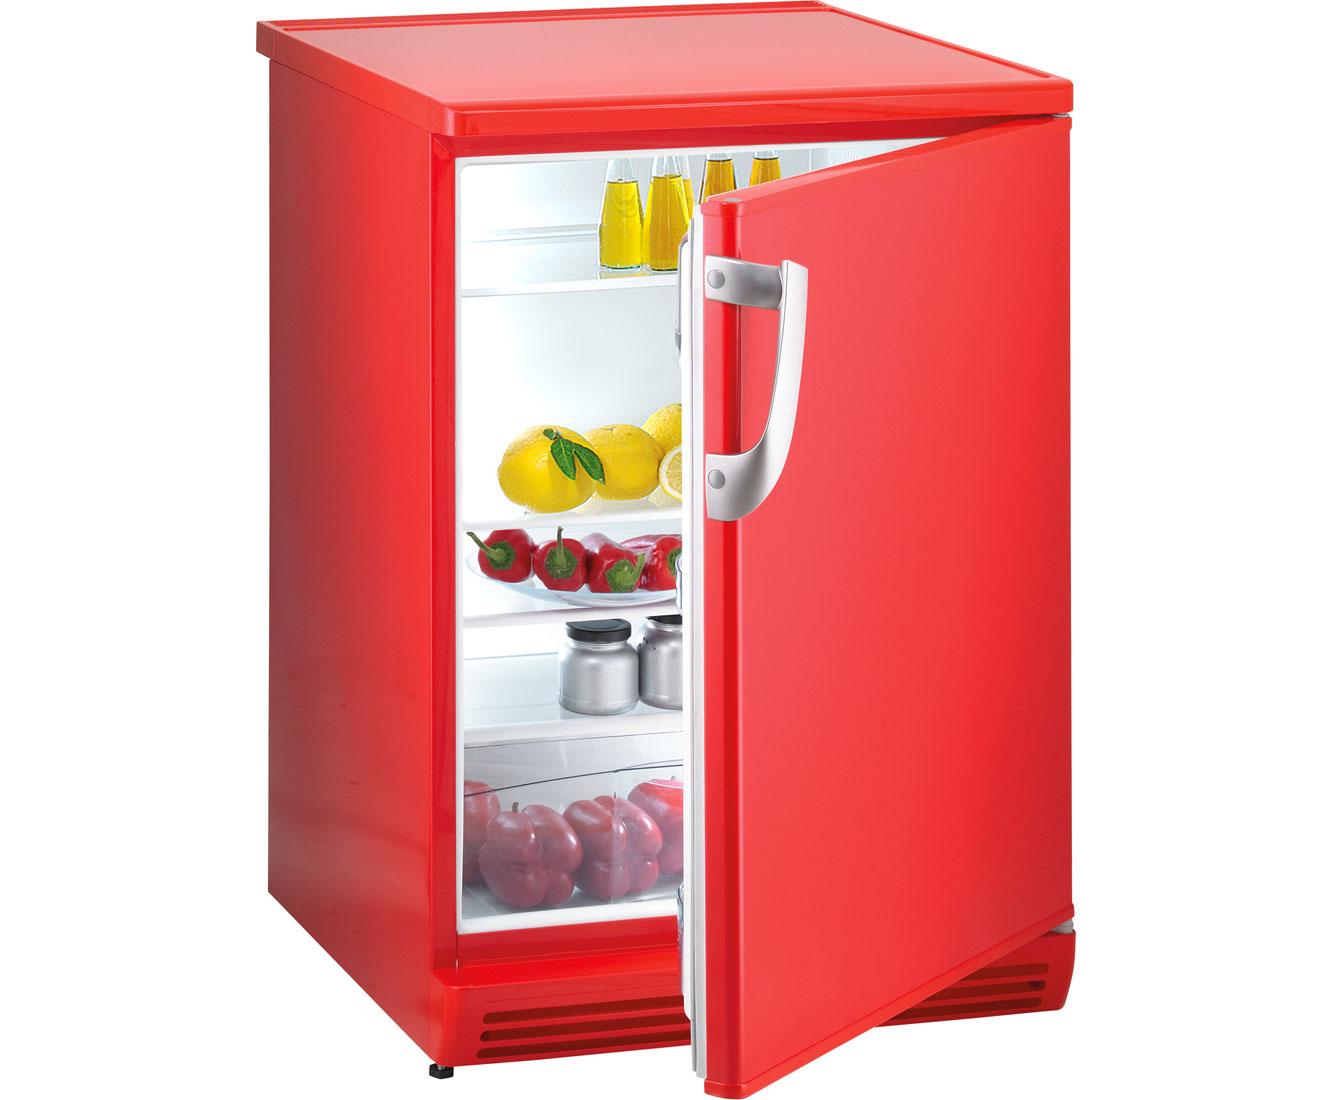 Gorenje Kühlschrank Lila : Tisch mit kühlschrank u dekoration bild idee